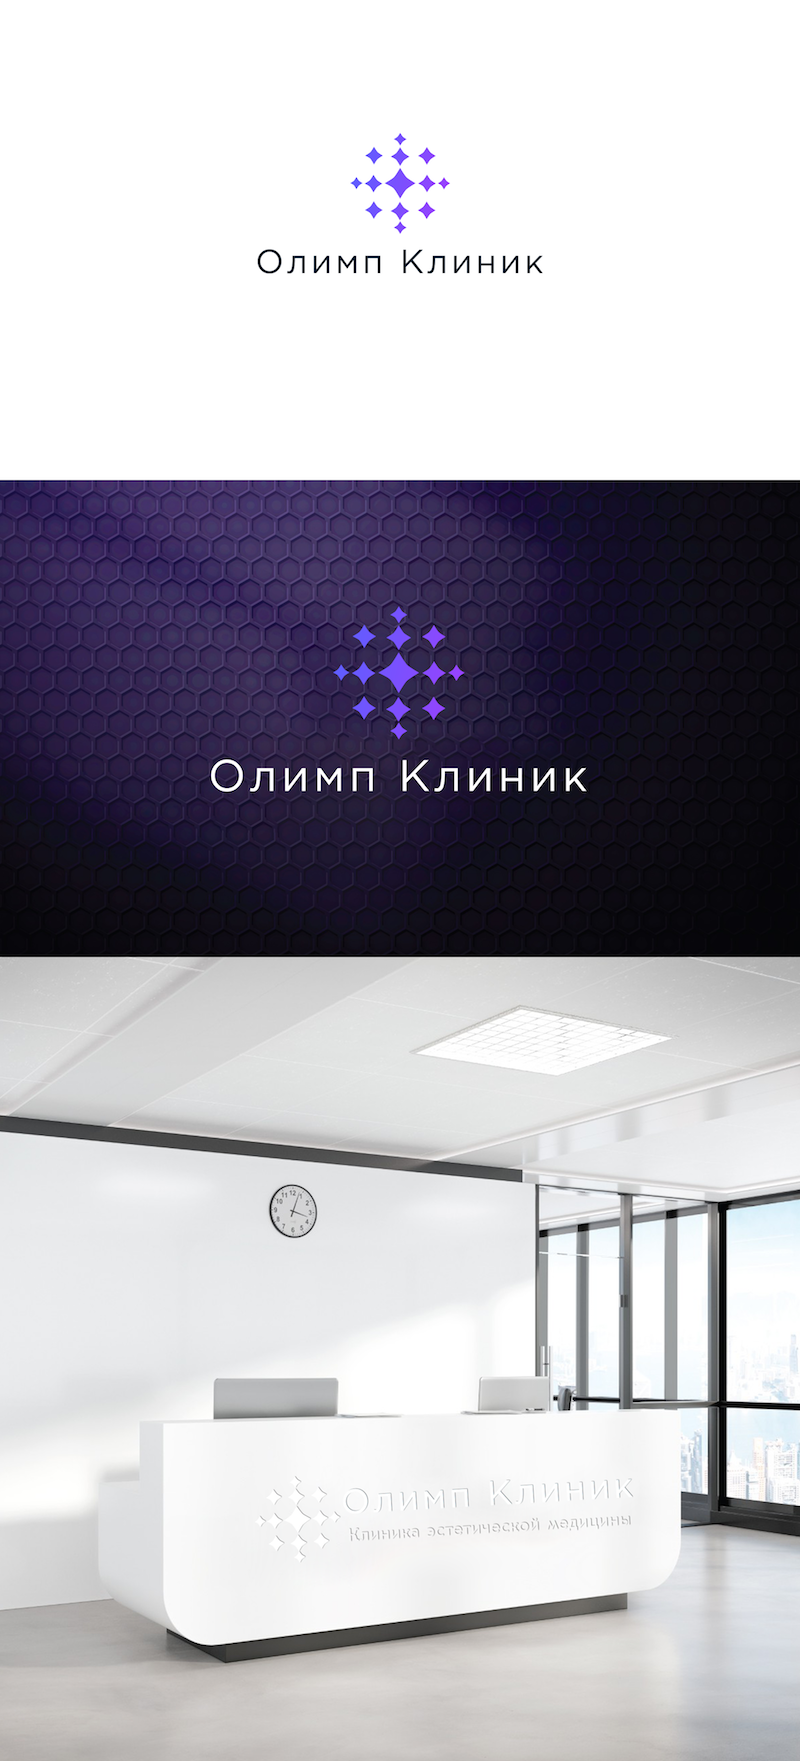 Разработка логотипа и впоследствии фирменного стиля фото f_3045f20383b72494.png